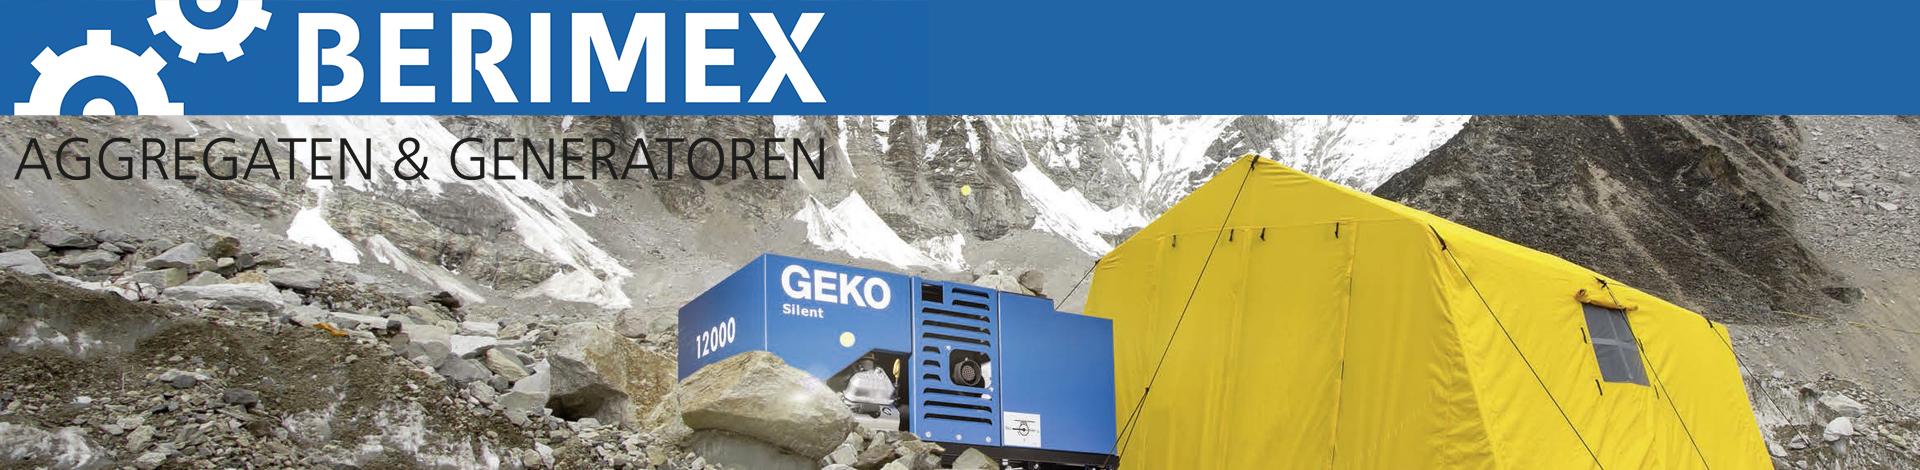 Berimex Aggregaten en Generatoren logo